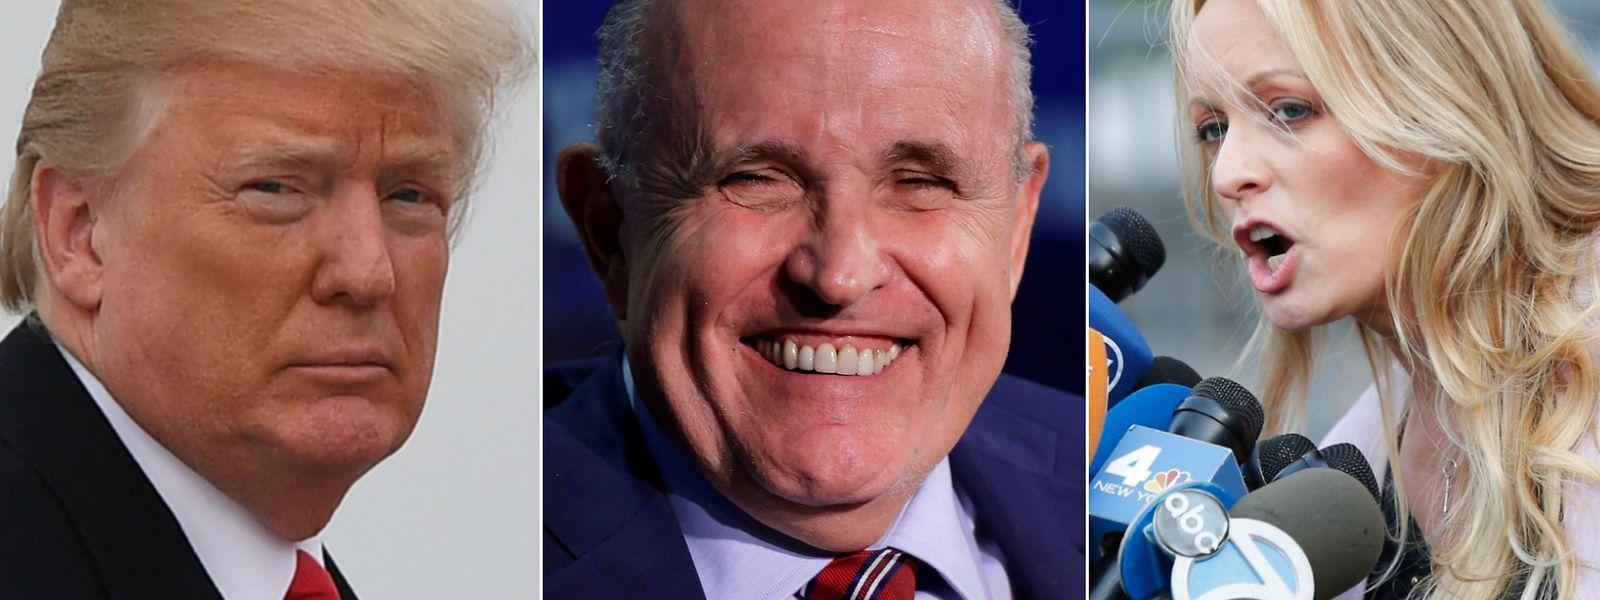 Neues Gesicht in der Stormy-Daniels-Affäre: Rudy Giuliani (M.) sagt, Trump habe seinem ehemaligen Anwalt das Geld zurückerstattet, dass dieser an Stephanie Clifford (r.) gezahlt hatte.